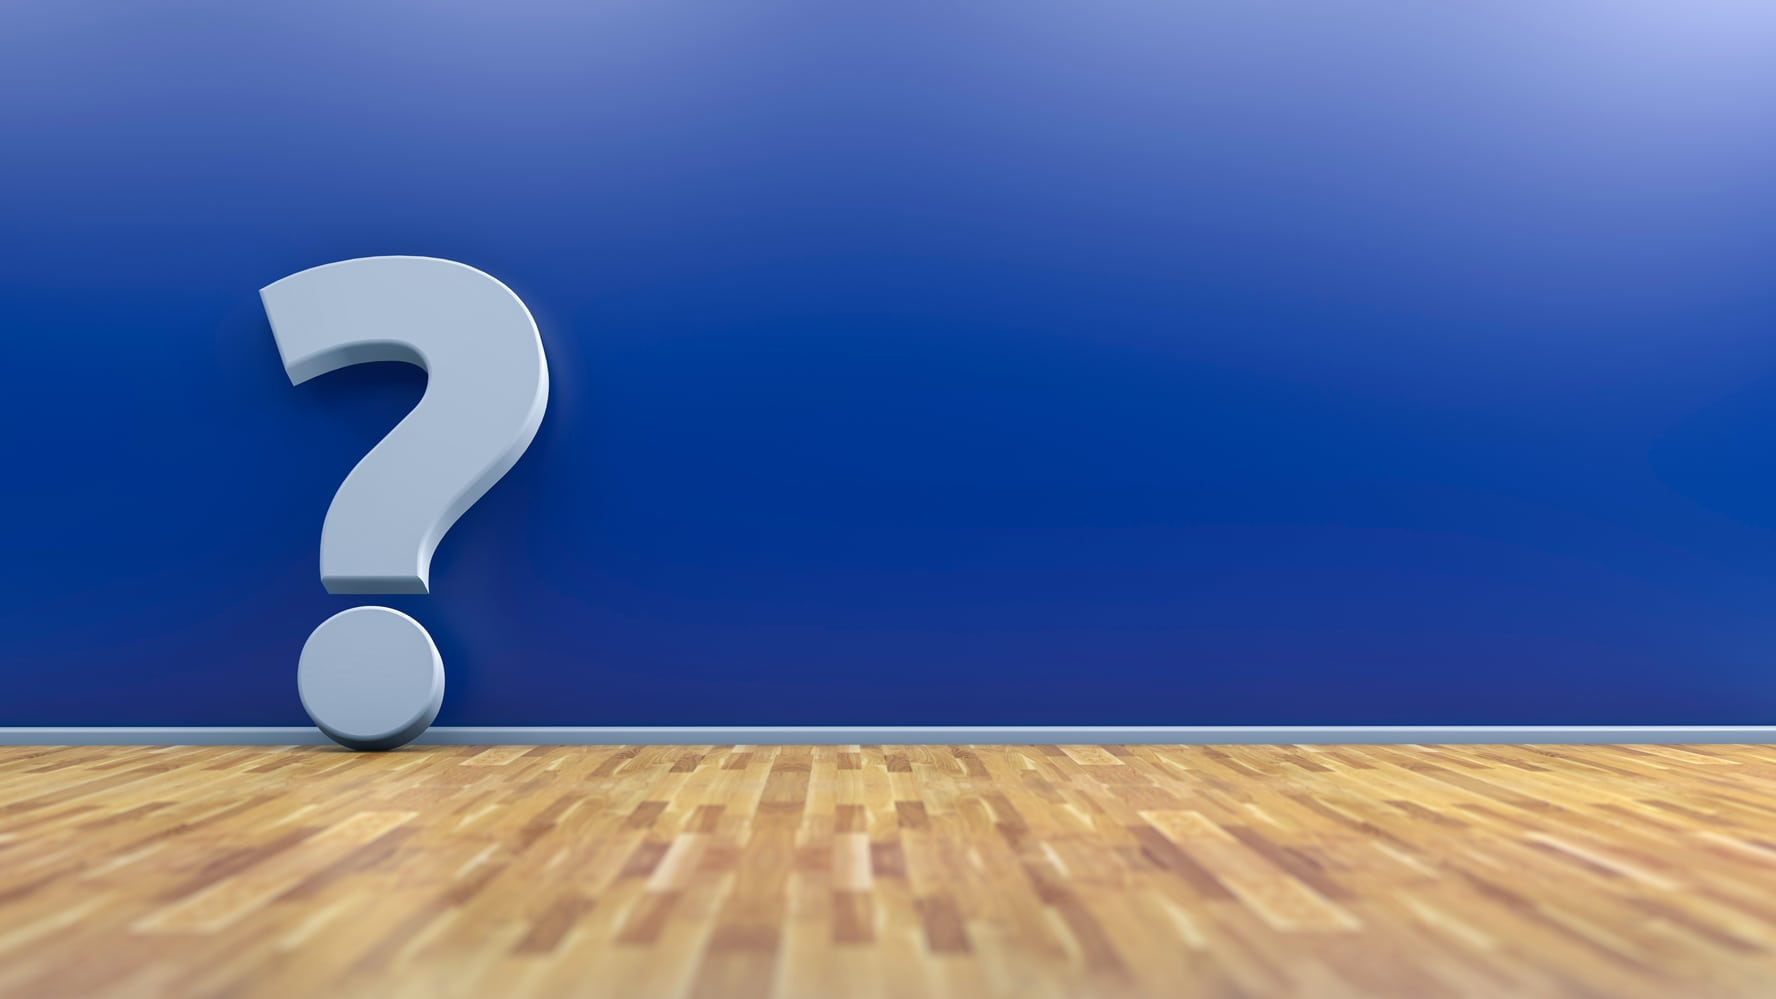 weEmpower Antworten finden - Mehr Fragen als Antworten